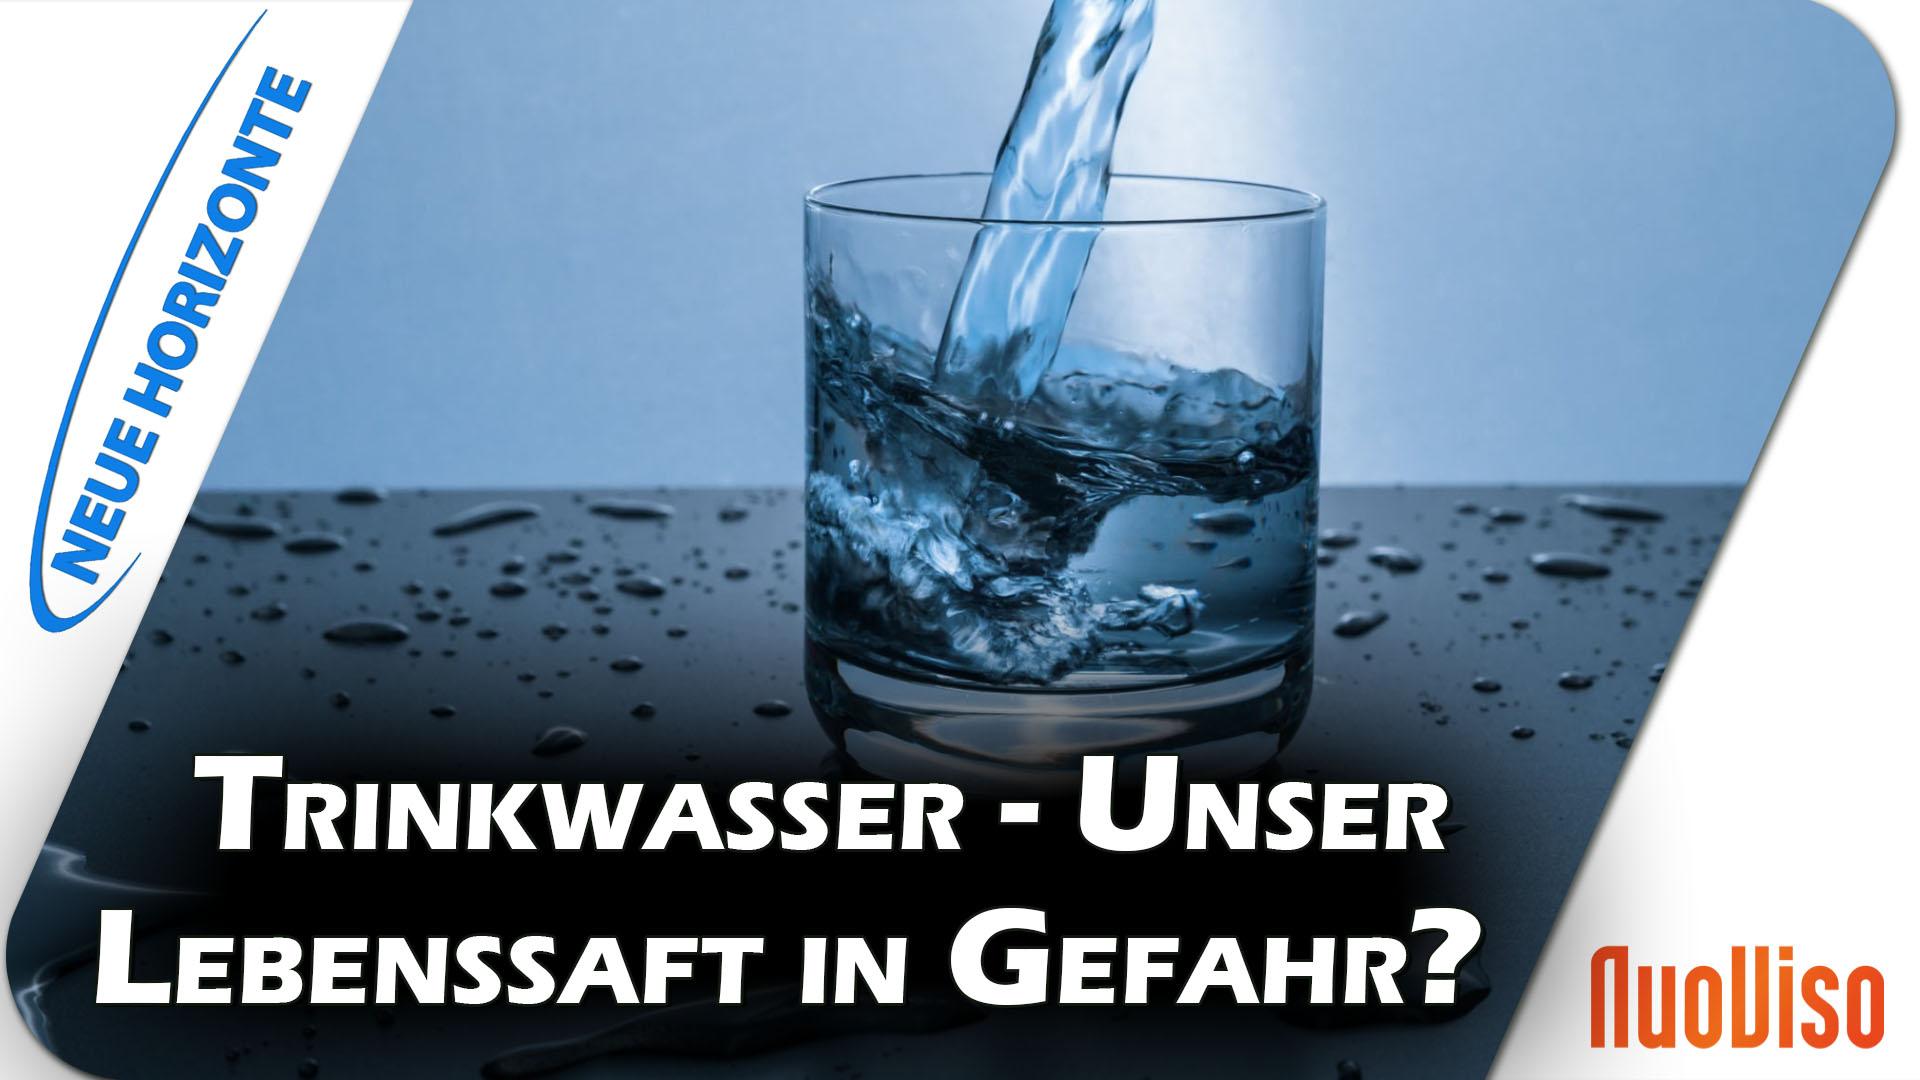 Trinkwasser – Unser Lebenssaft in Gefahr? – Erich Meidert